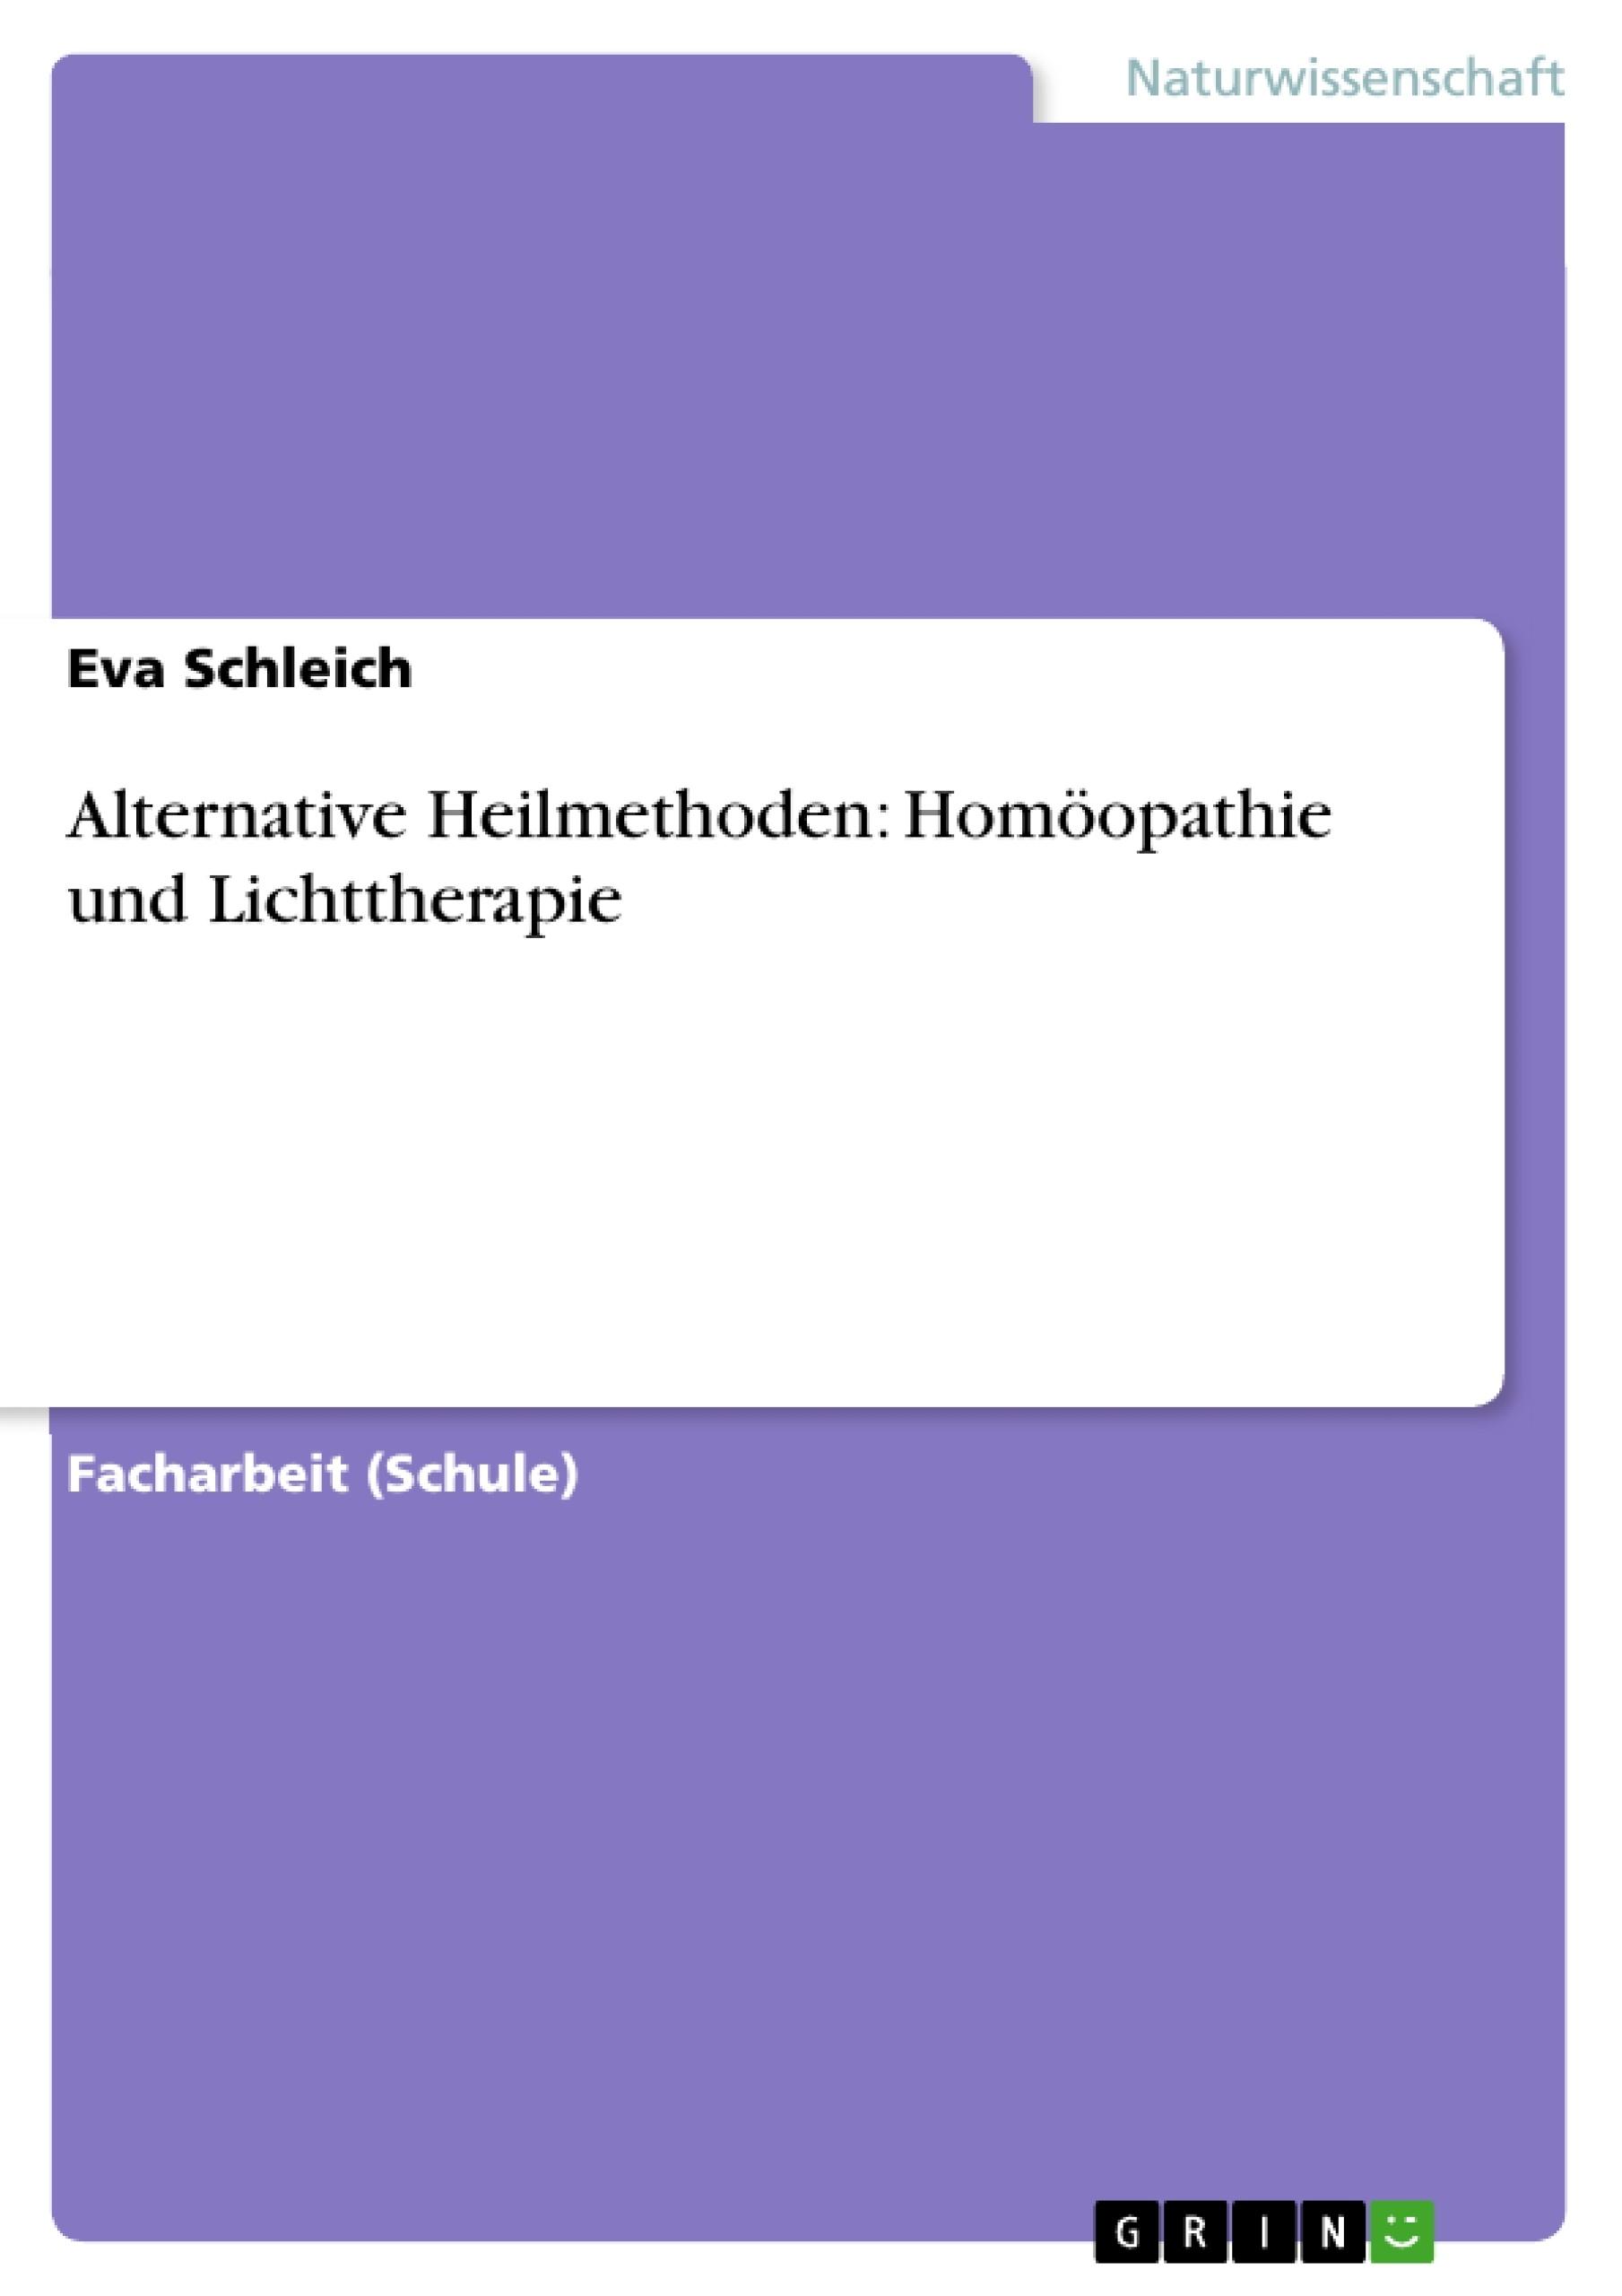 Titel: Alternative Heilmethoden: Homöopathie und Lichttherapie